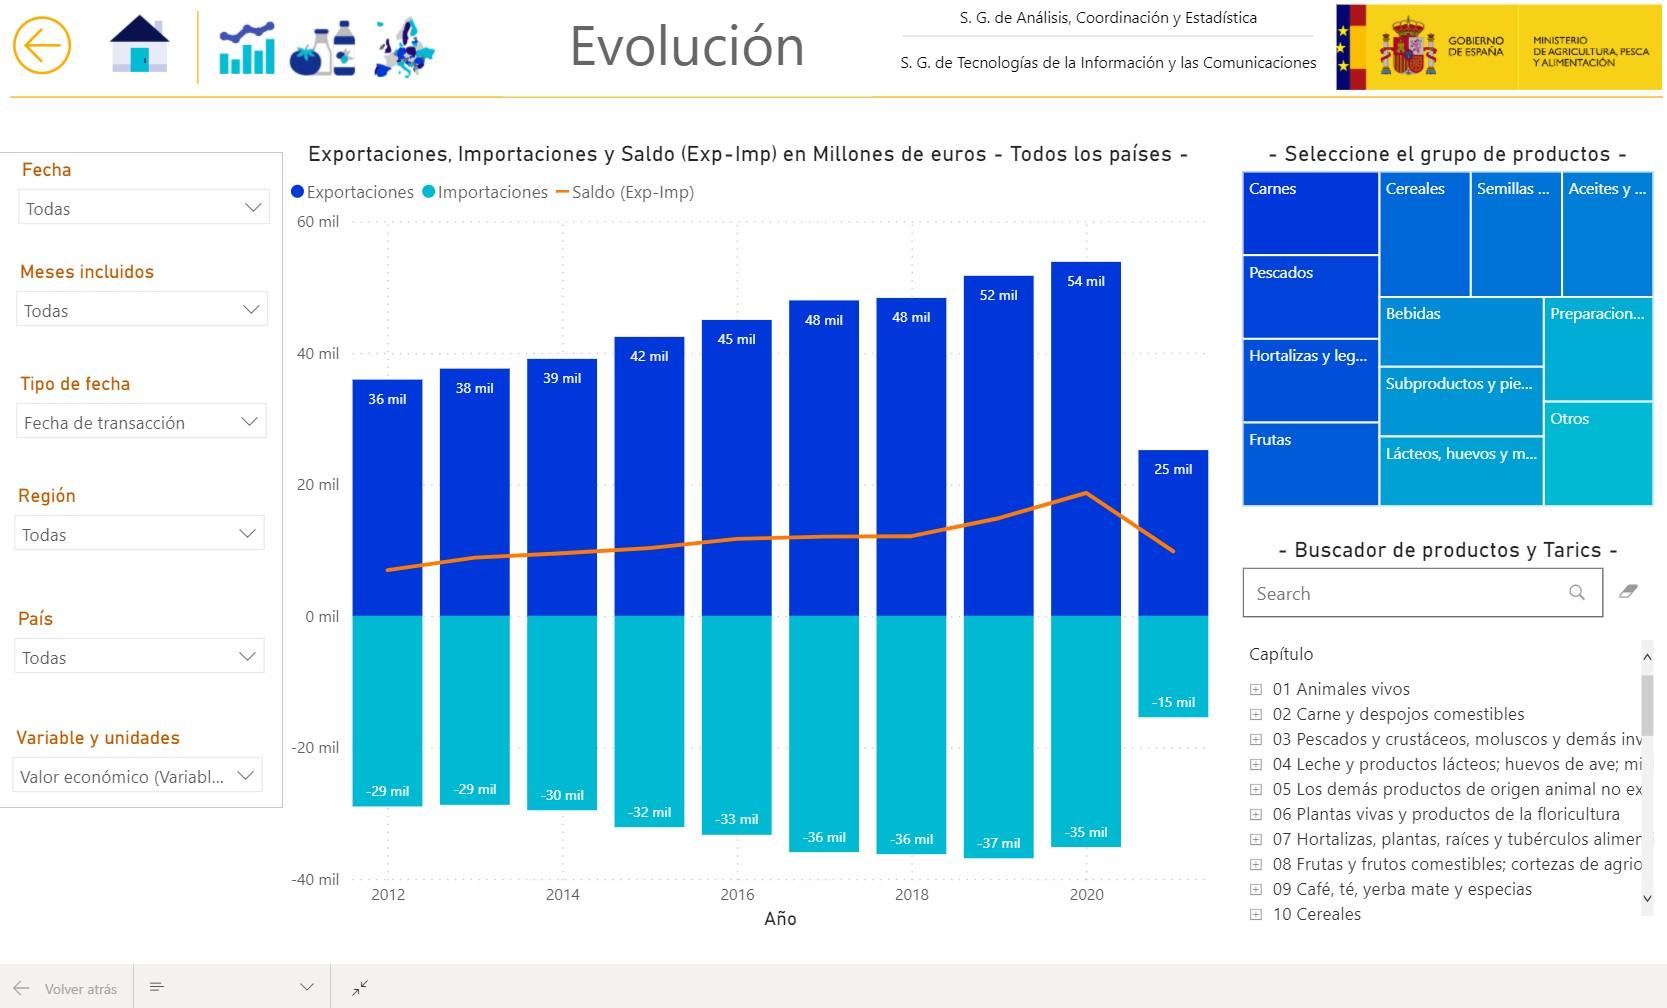 Las exportaciones agroalimentarias y pesqueras se incrementaron un 4,1% en 2020 y alcanzaron su cifra récord, 53.848 millones de euros